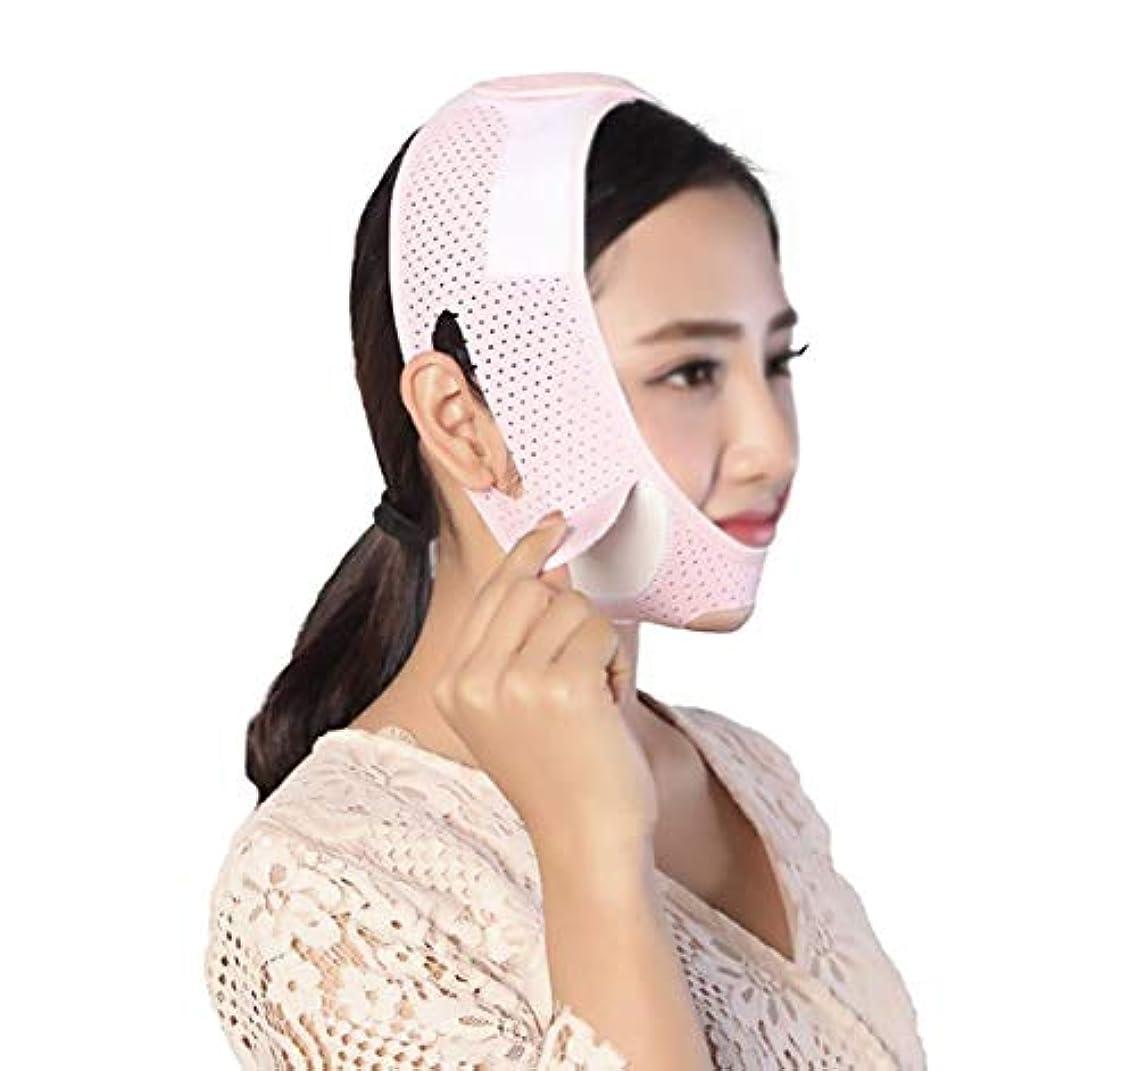 職人上がるブレス顔と首を持ち上げる術後弾性セットVフェイスマスクは、チンV顔アーティファクト回復サポートベルトの収縮の調整を強化します。